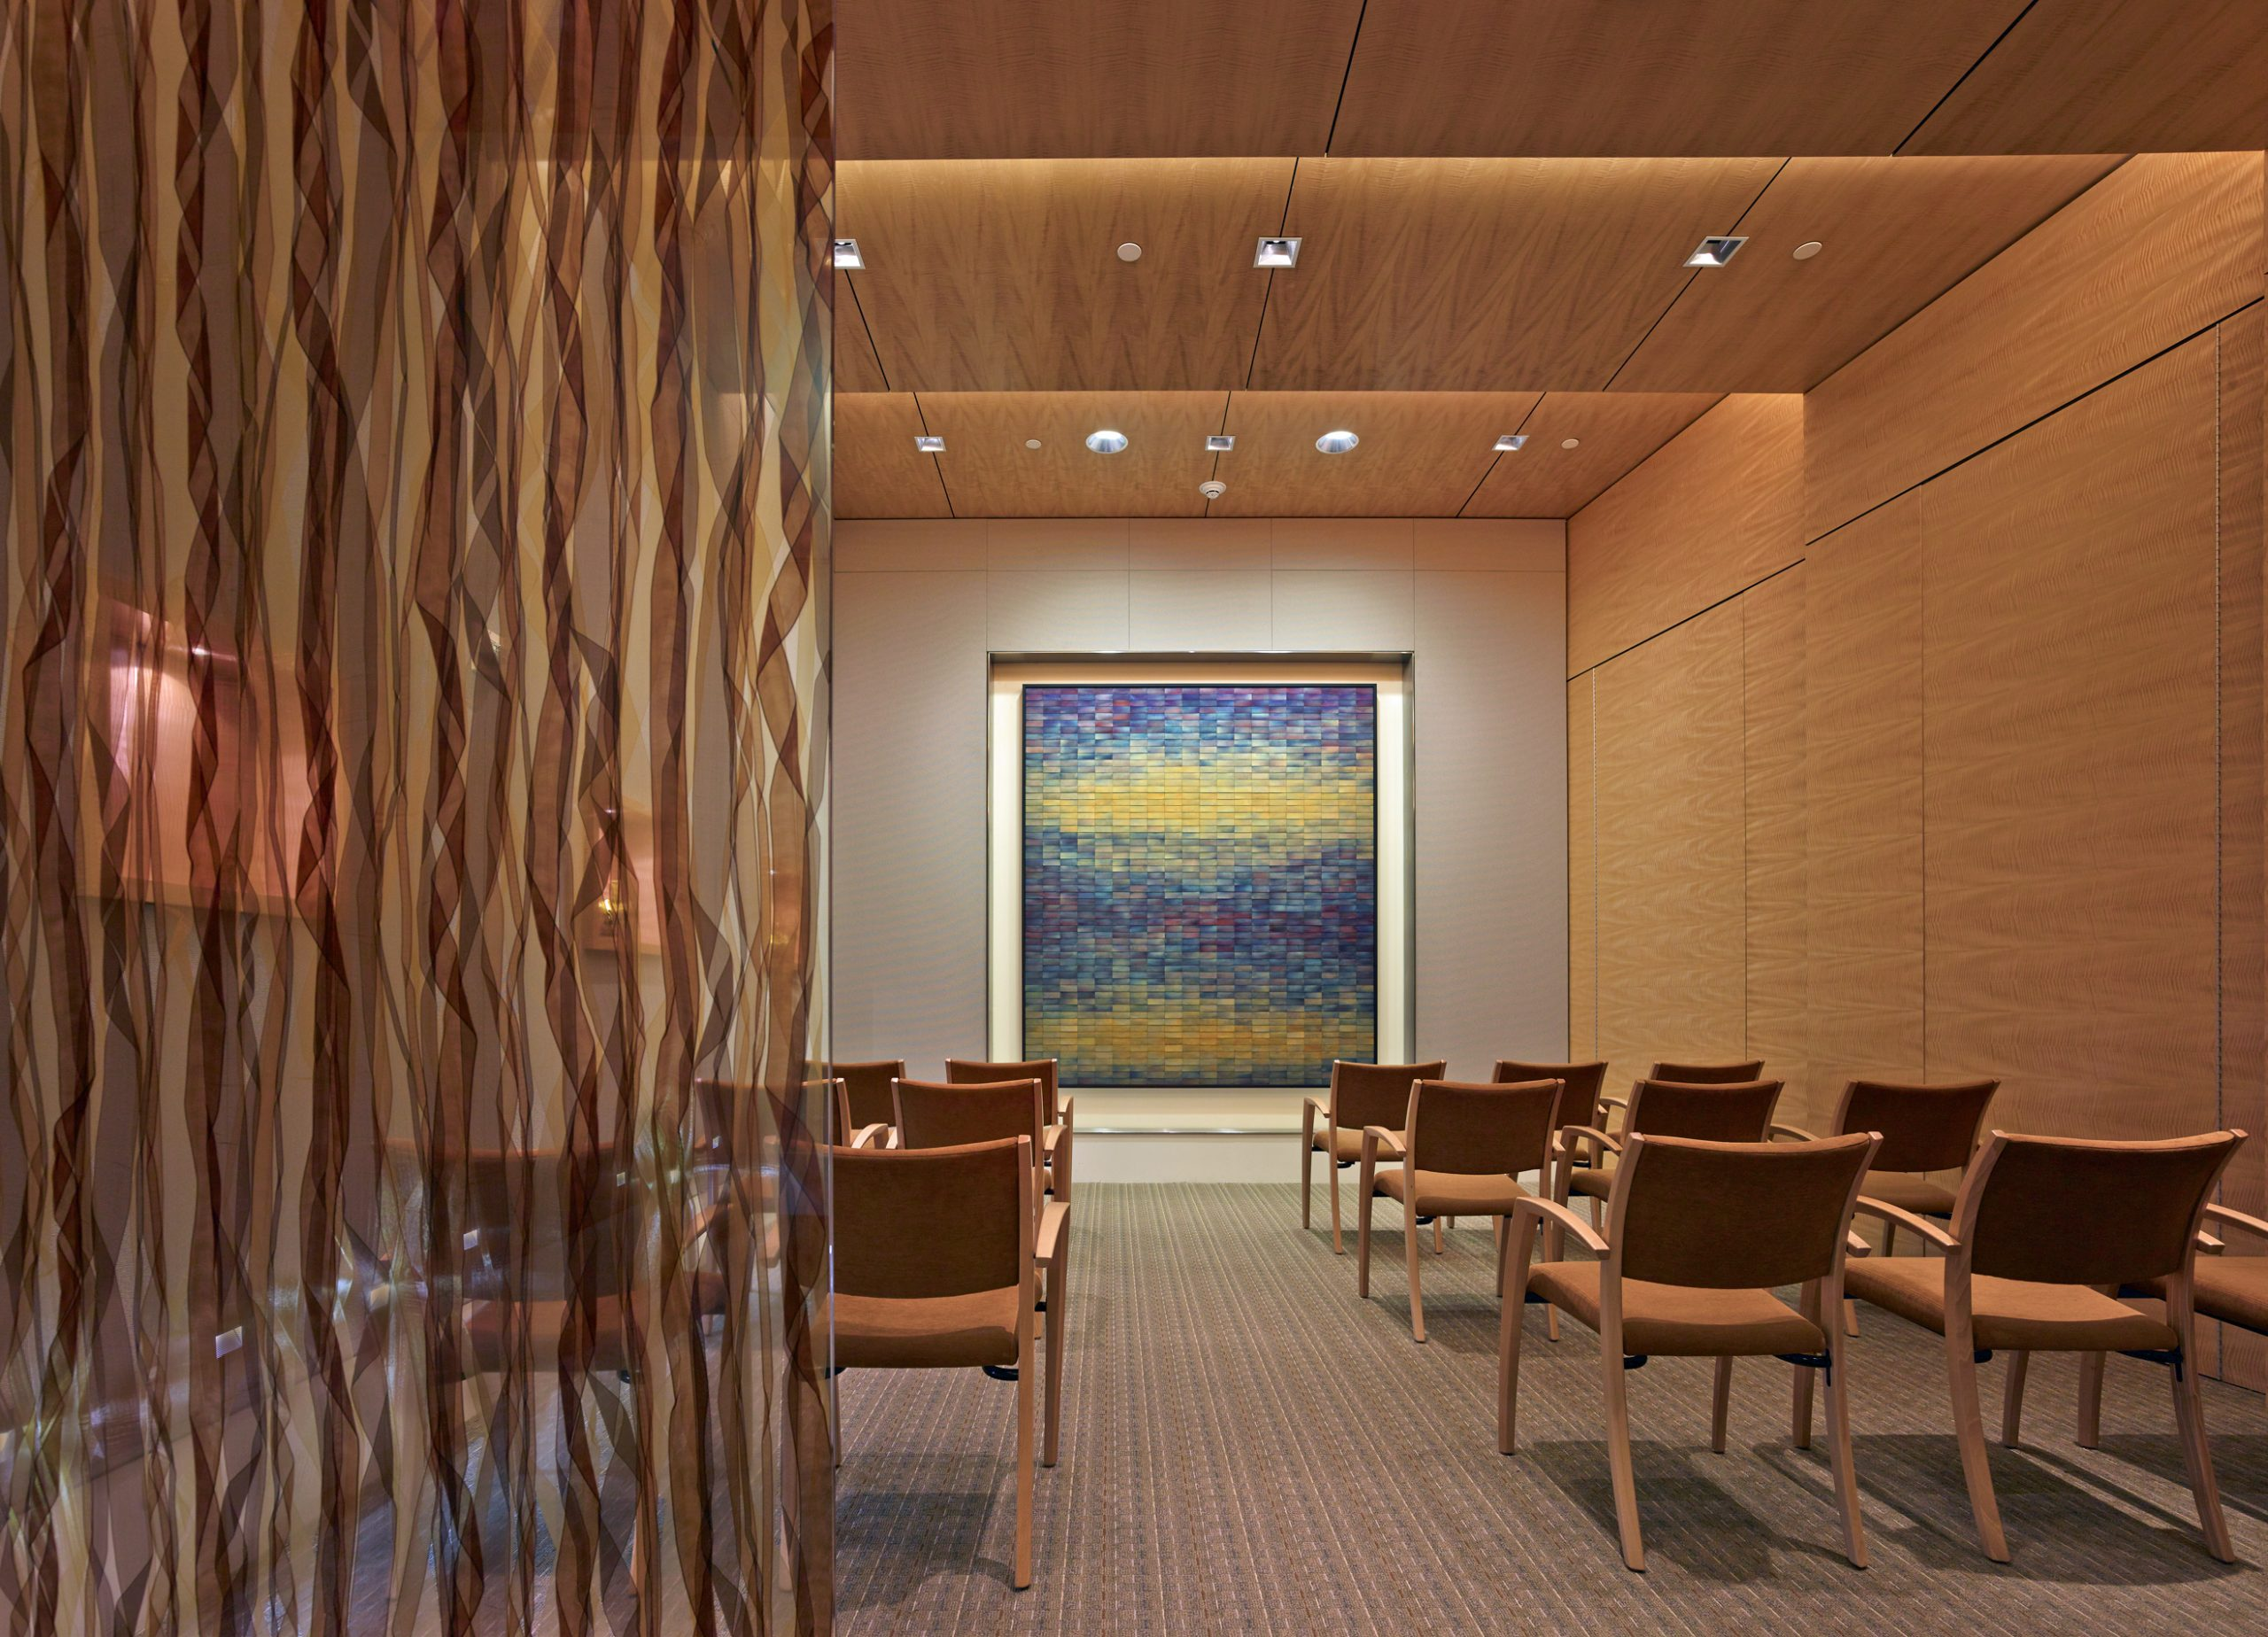 Hospital Meditation Room